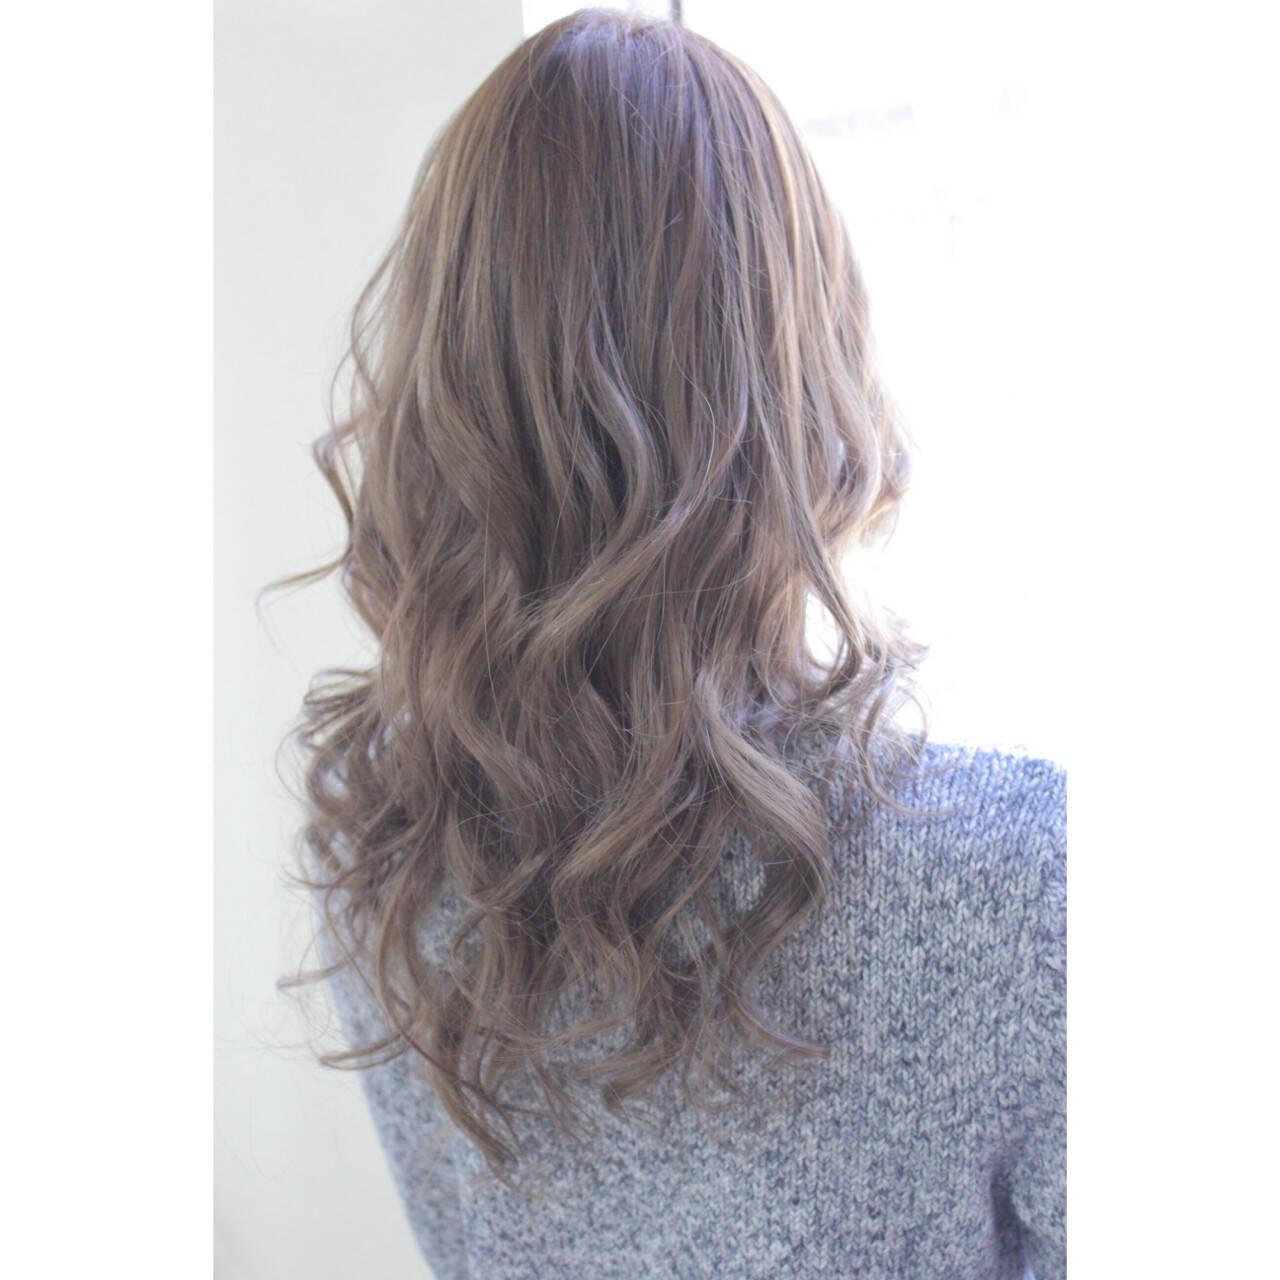 色気 ナチュラル マッシュ アッシュヘアスタイルや髪型の写真・画像